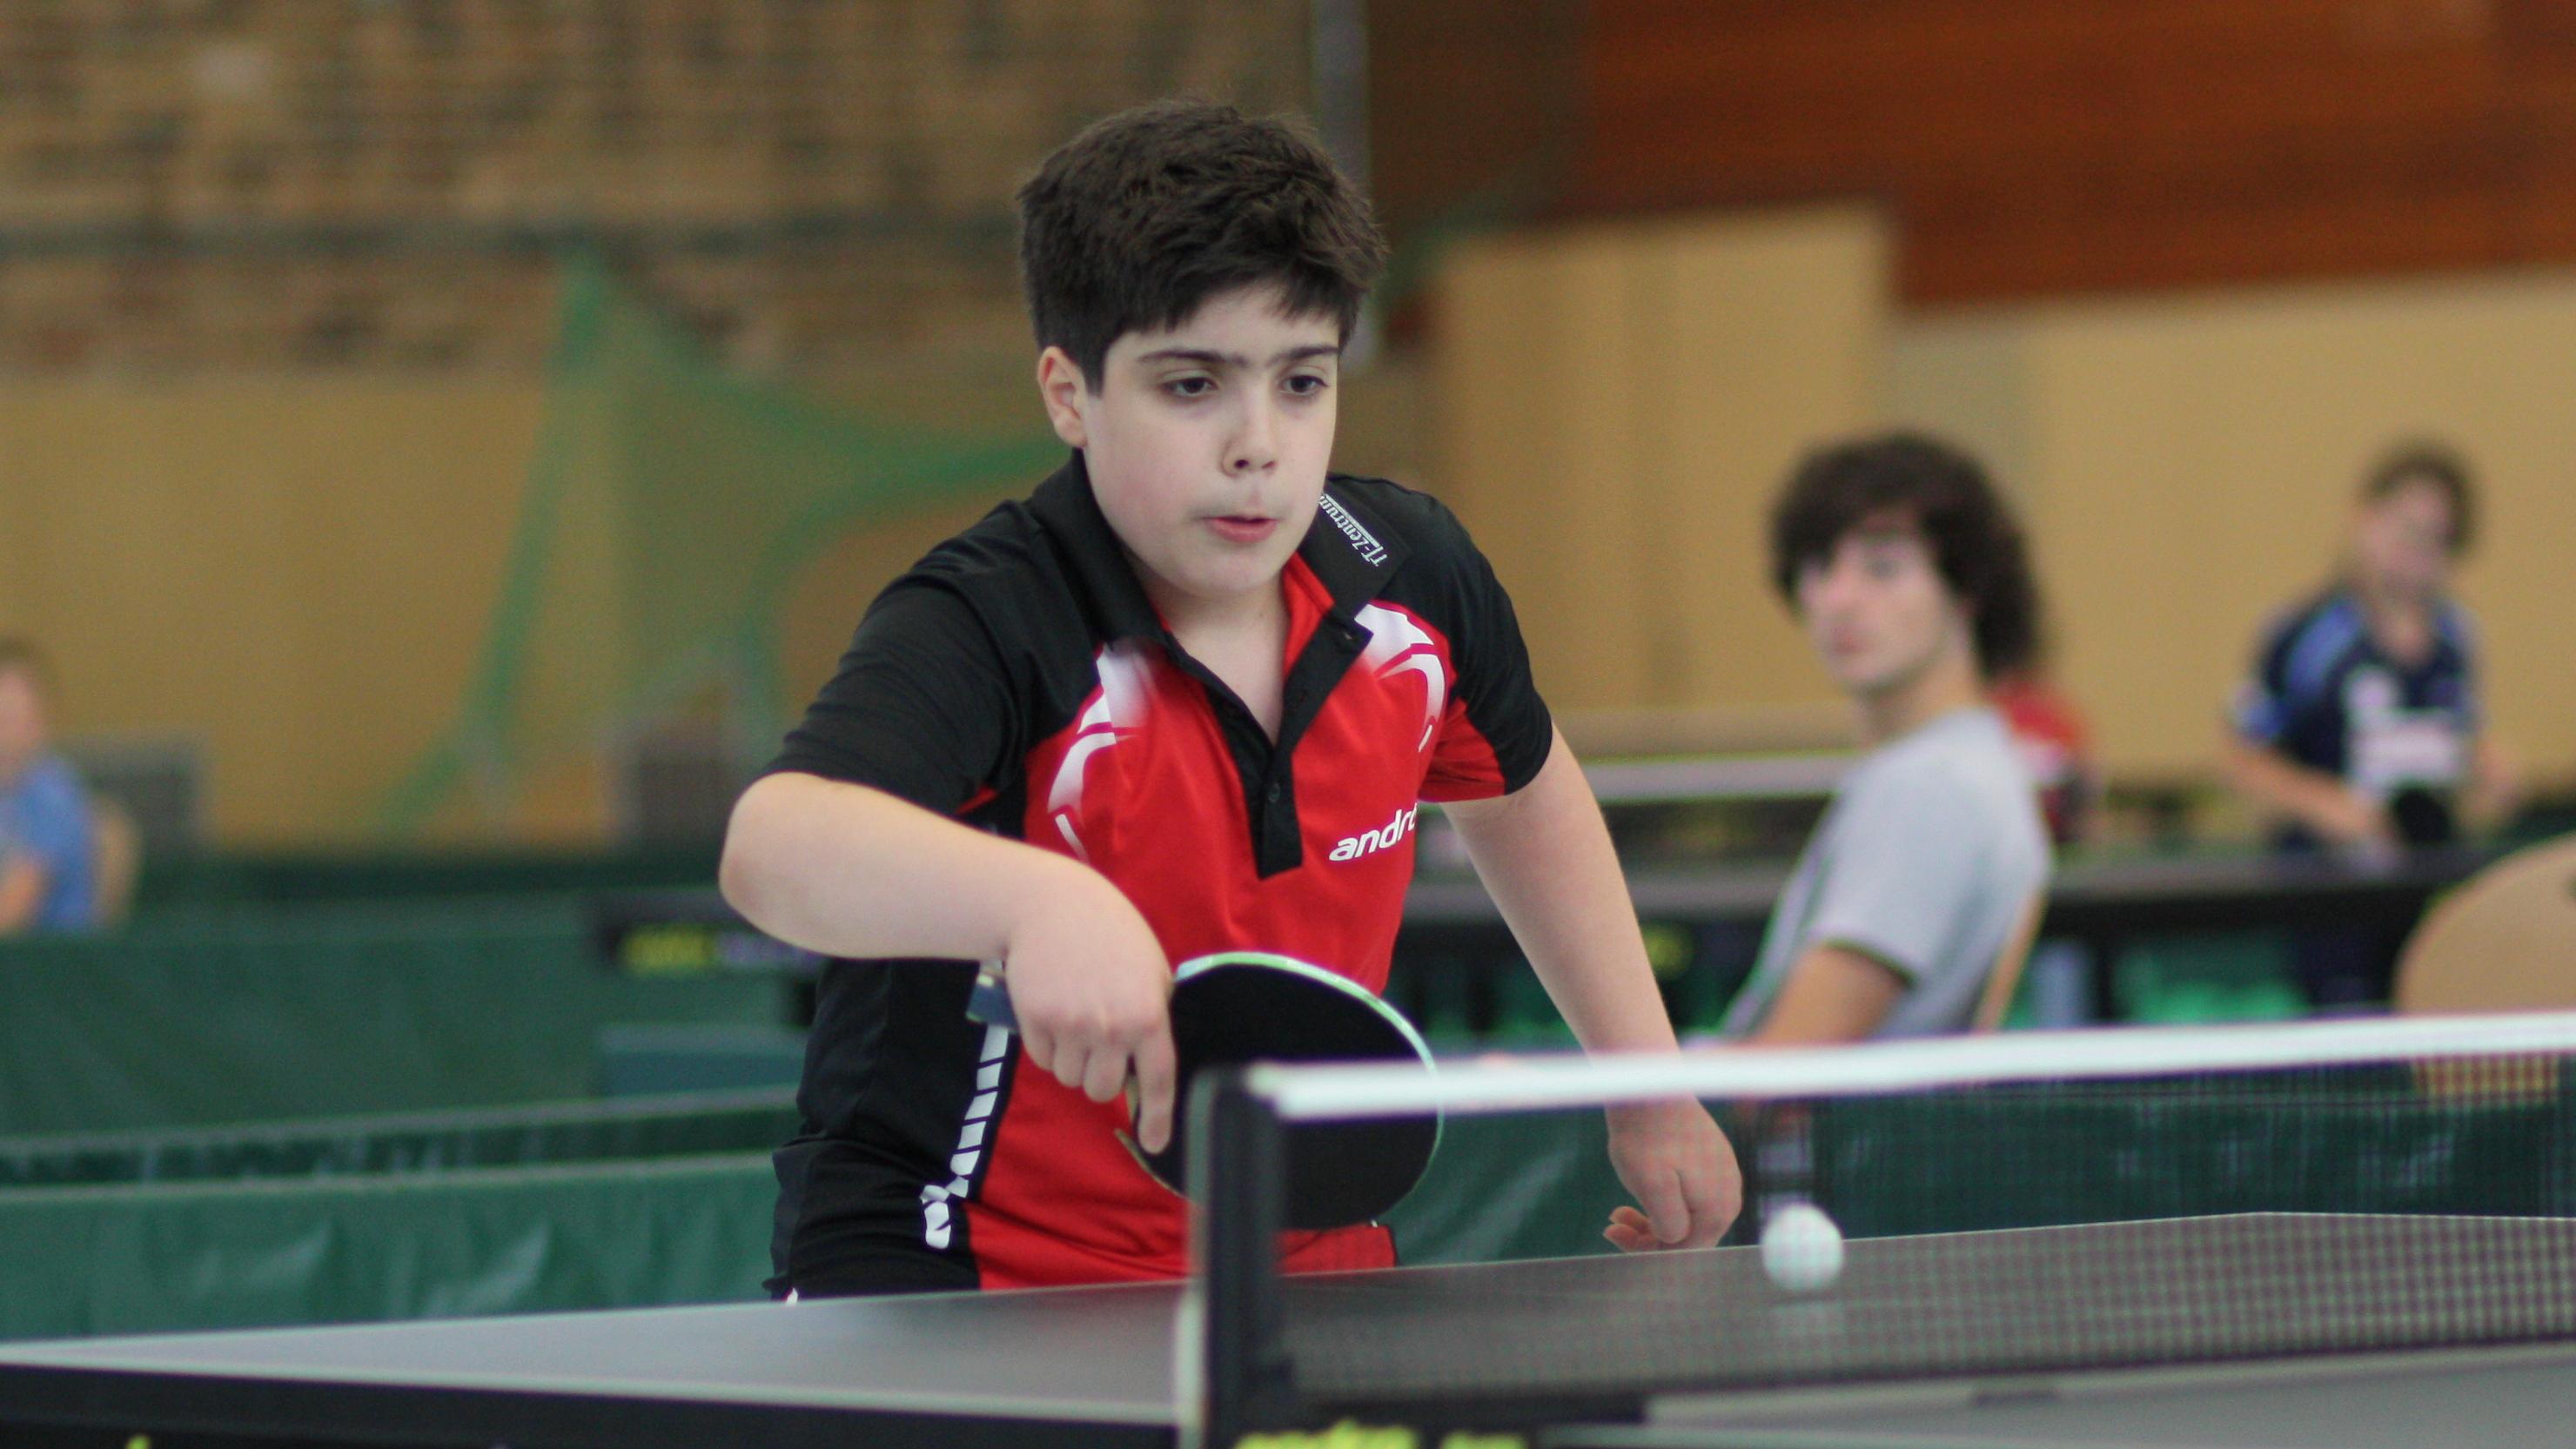 Miguel spielte mit der Landesrangliste sein erstes großes Turnier.